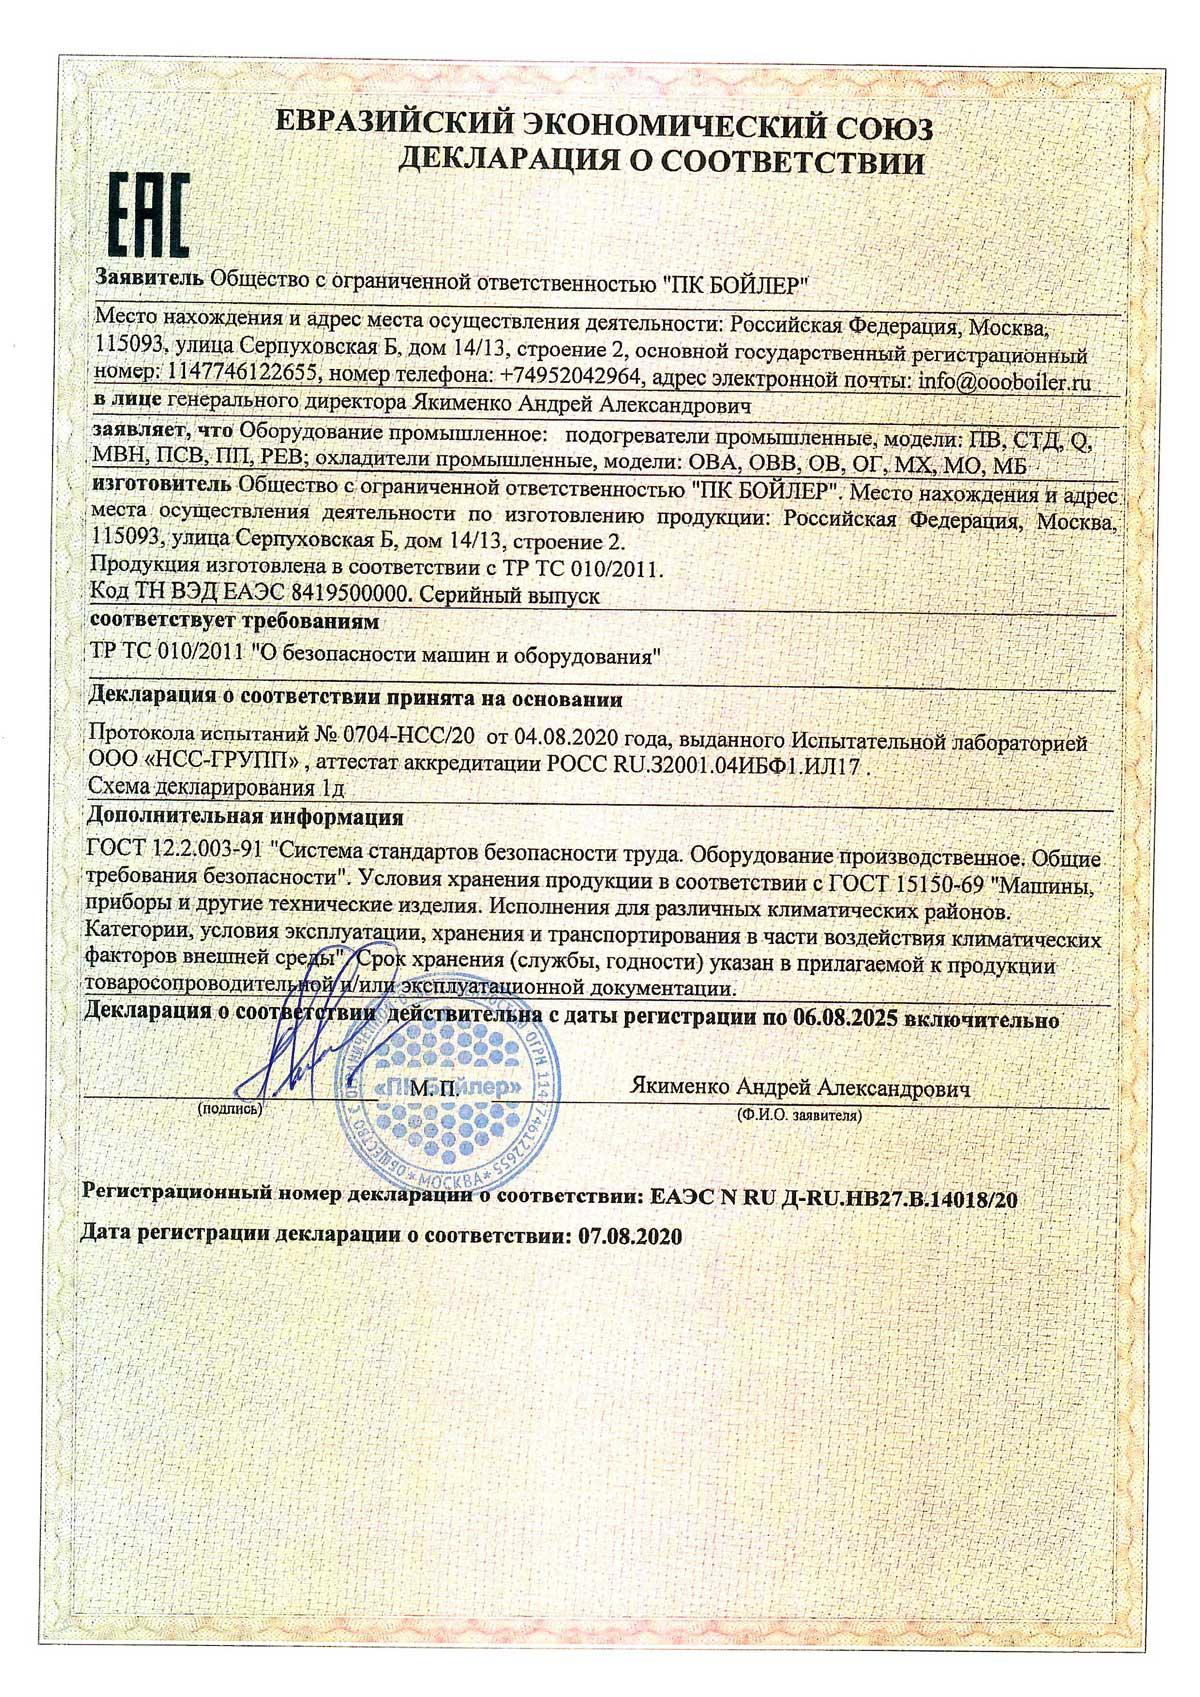 Декларация о соответствии ТР ТС 010/2011 на теплообменное оборудование